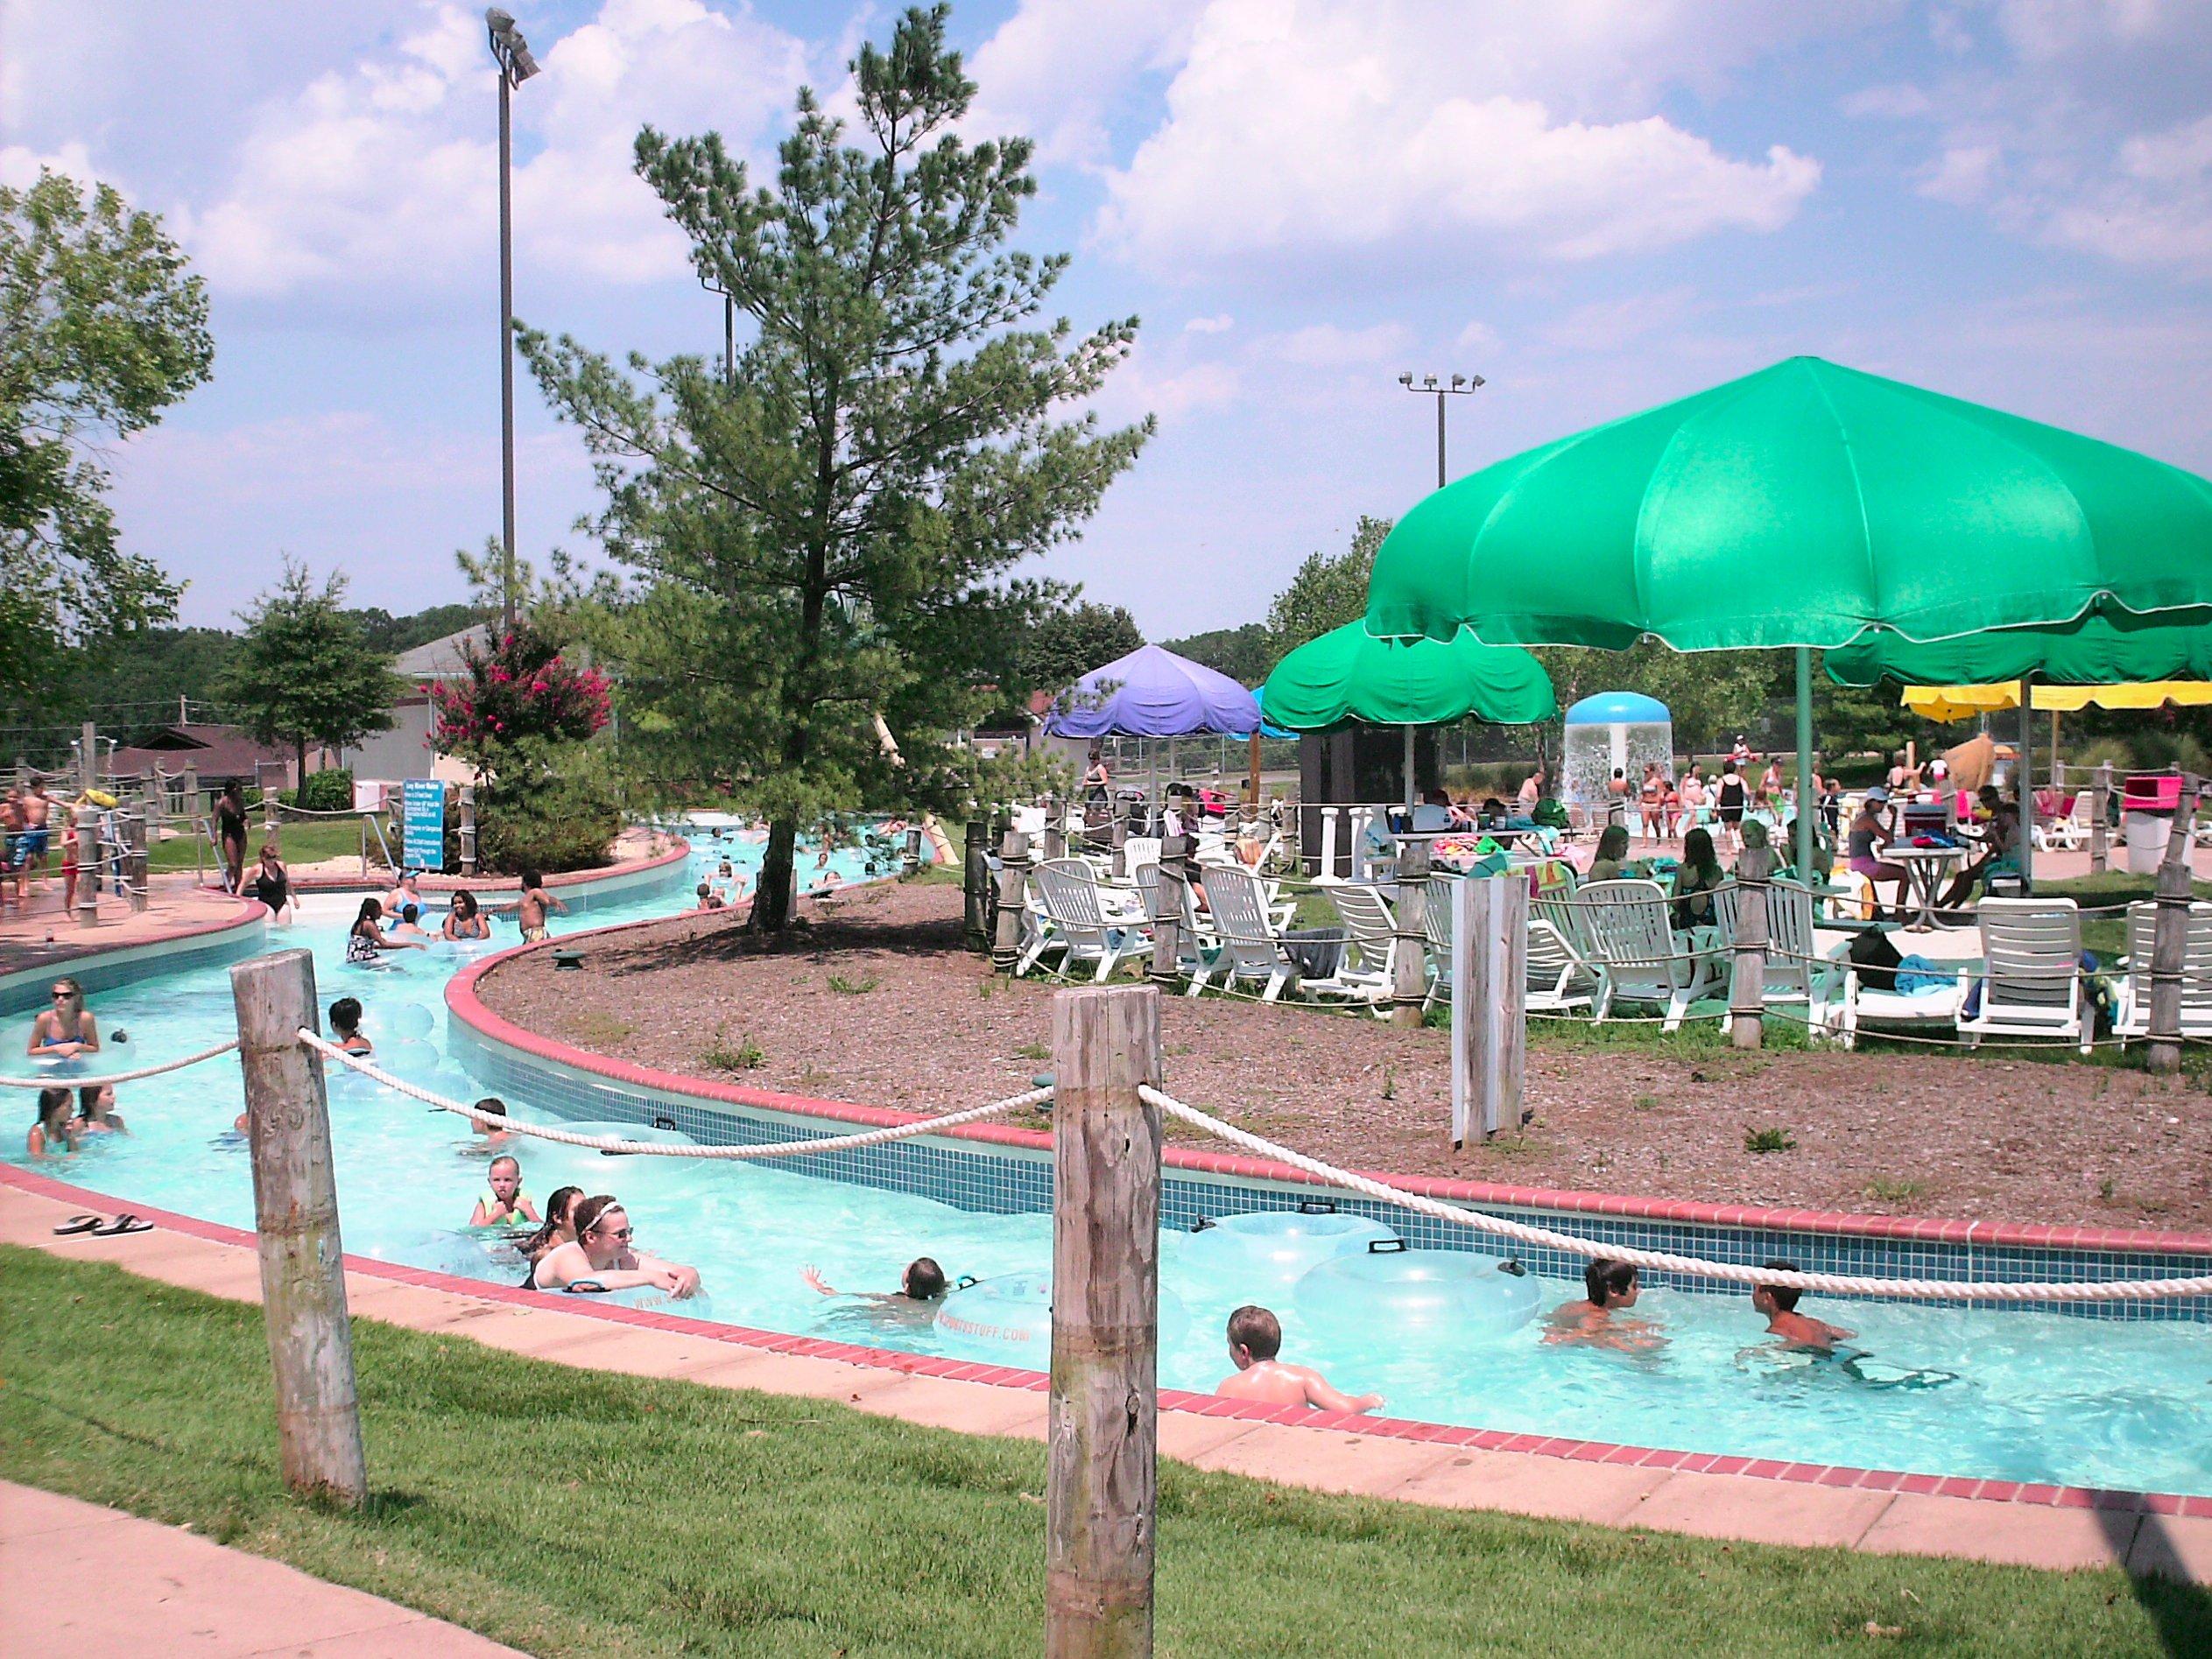 SplashDown Waterpark